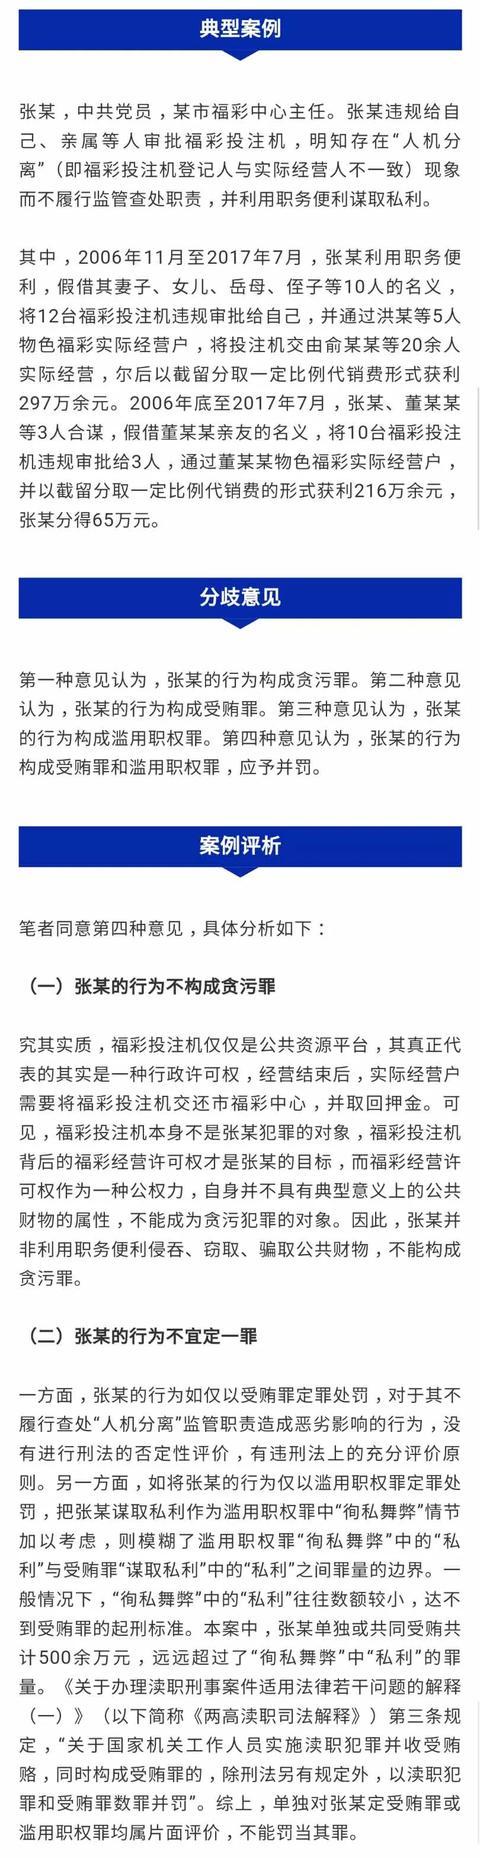 福彩主任违规给自己、亲属审批投注机 如何定罪?